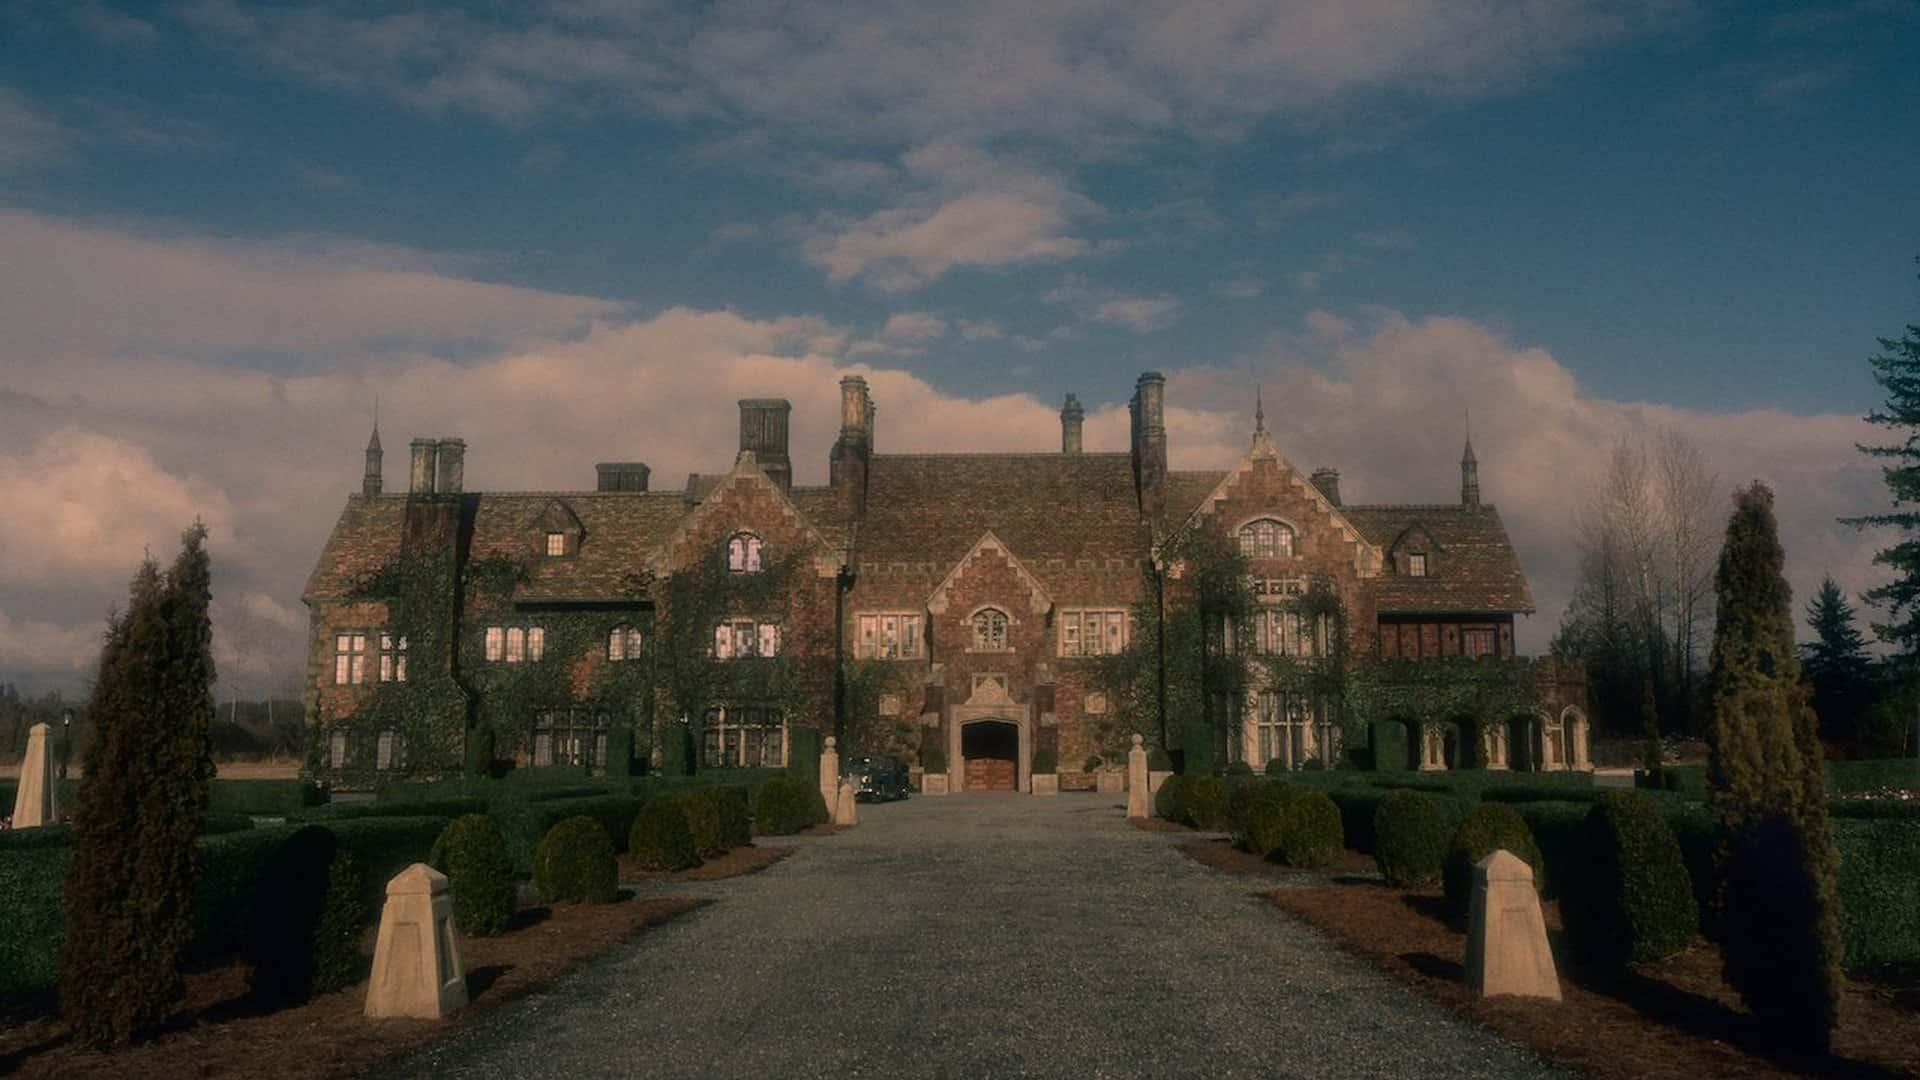 tajomné sídlo Bly Manor